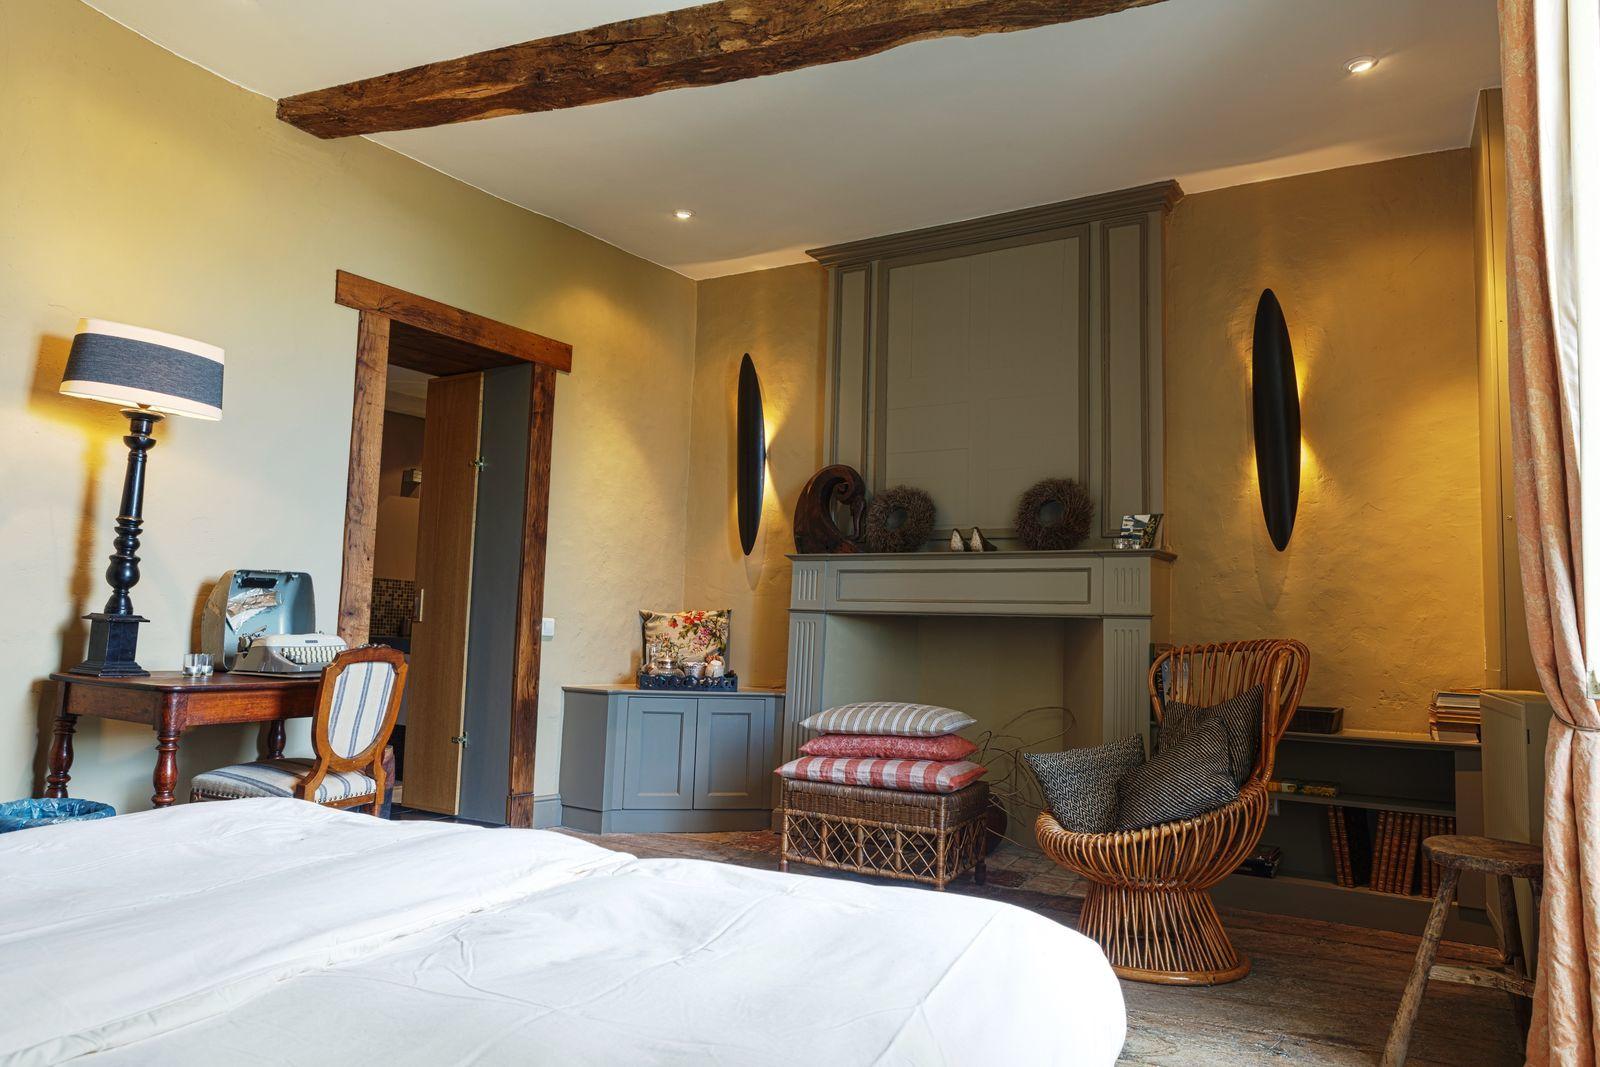 Maison de Chasse - La Mazilière - luxe vakantiehuis Dordogne, Frankrijk